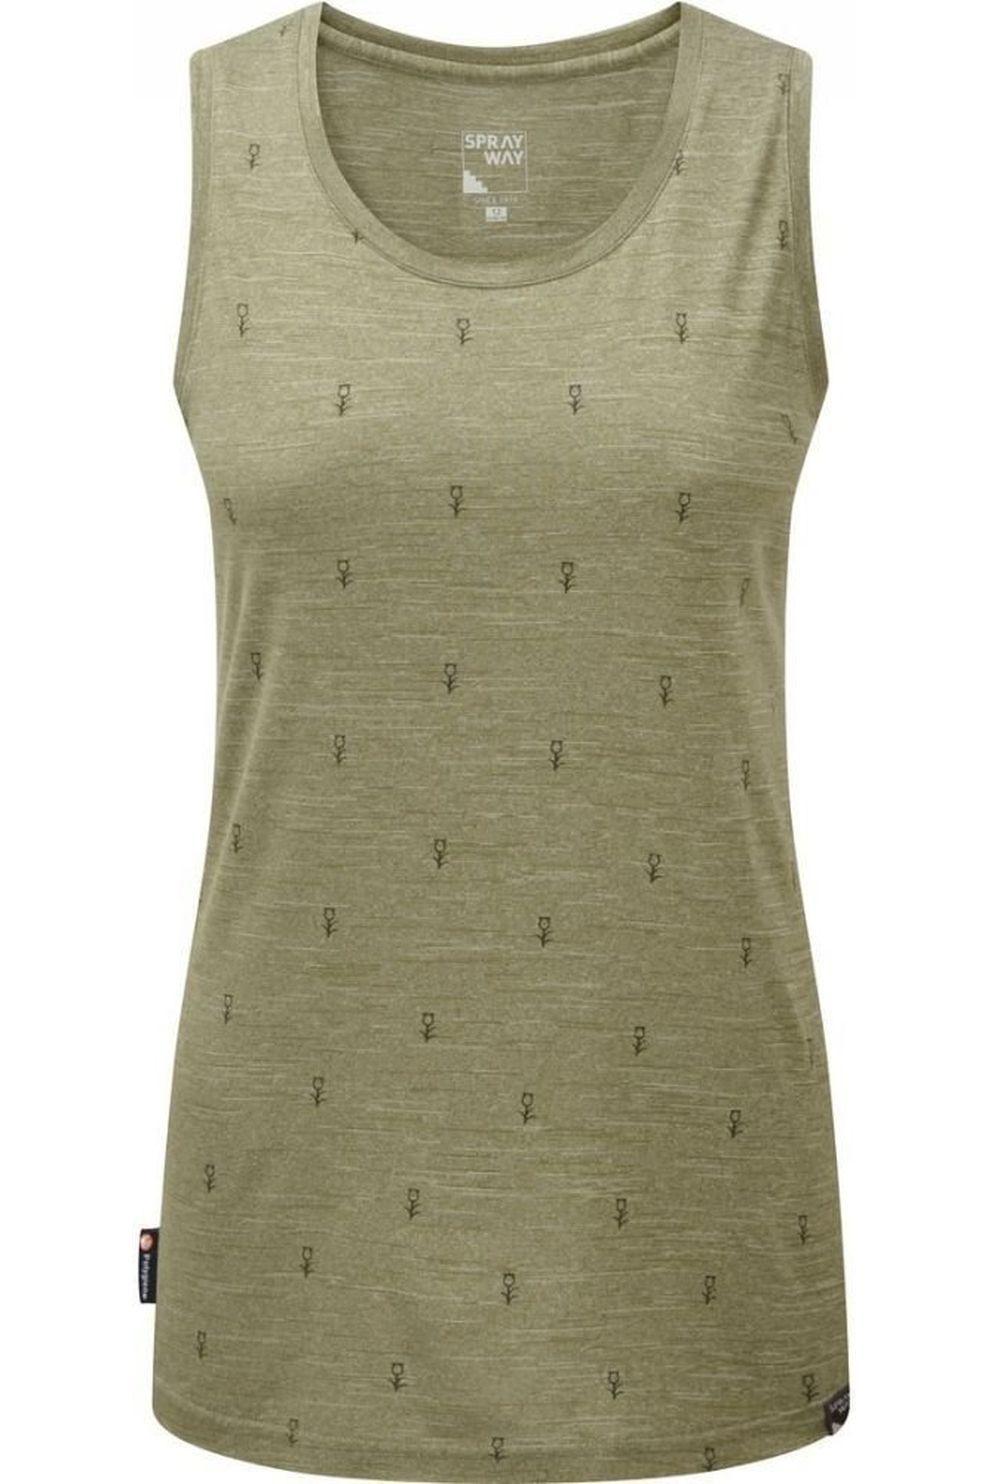 Sprayway Top Thistle Vest voor dames - LichtGroen - Maat: S